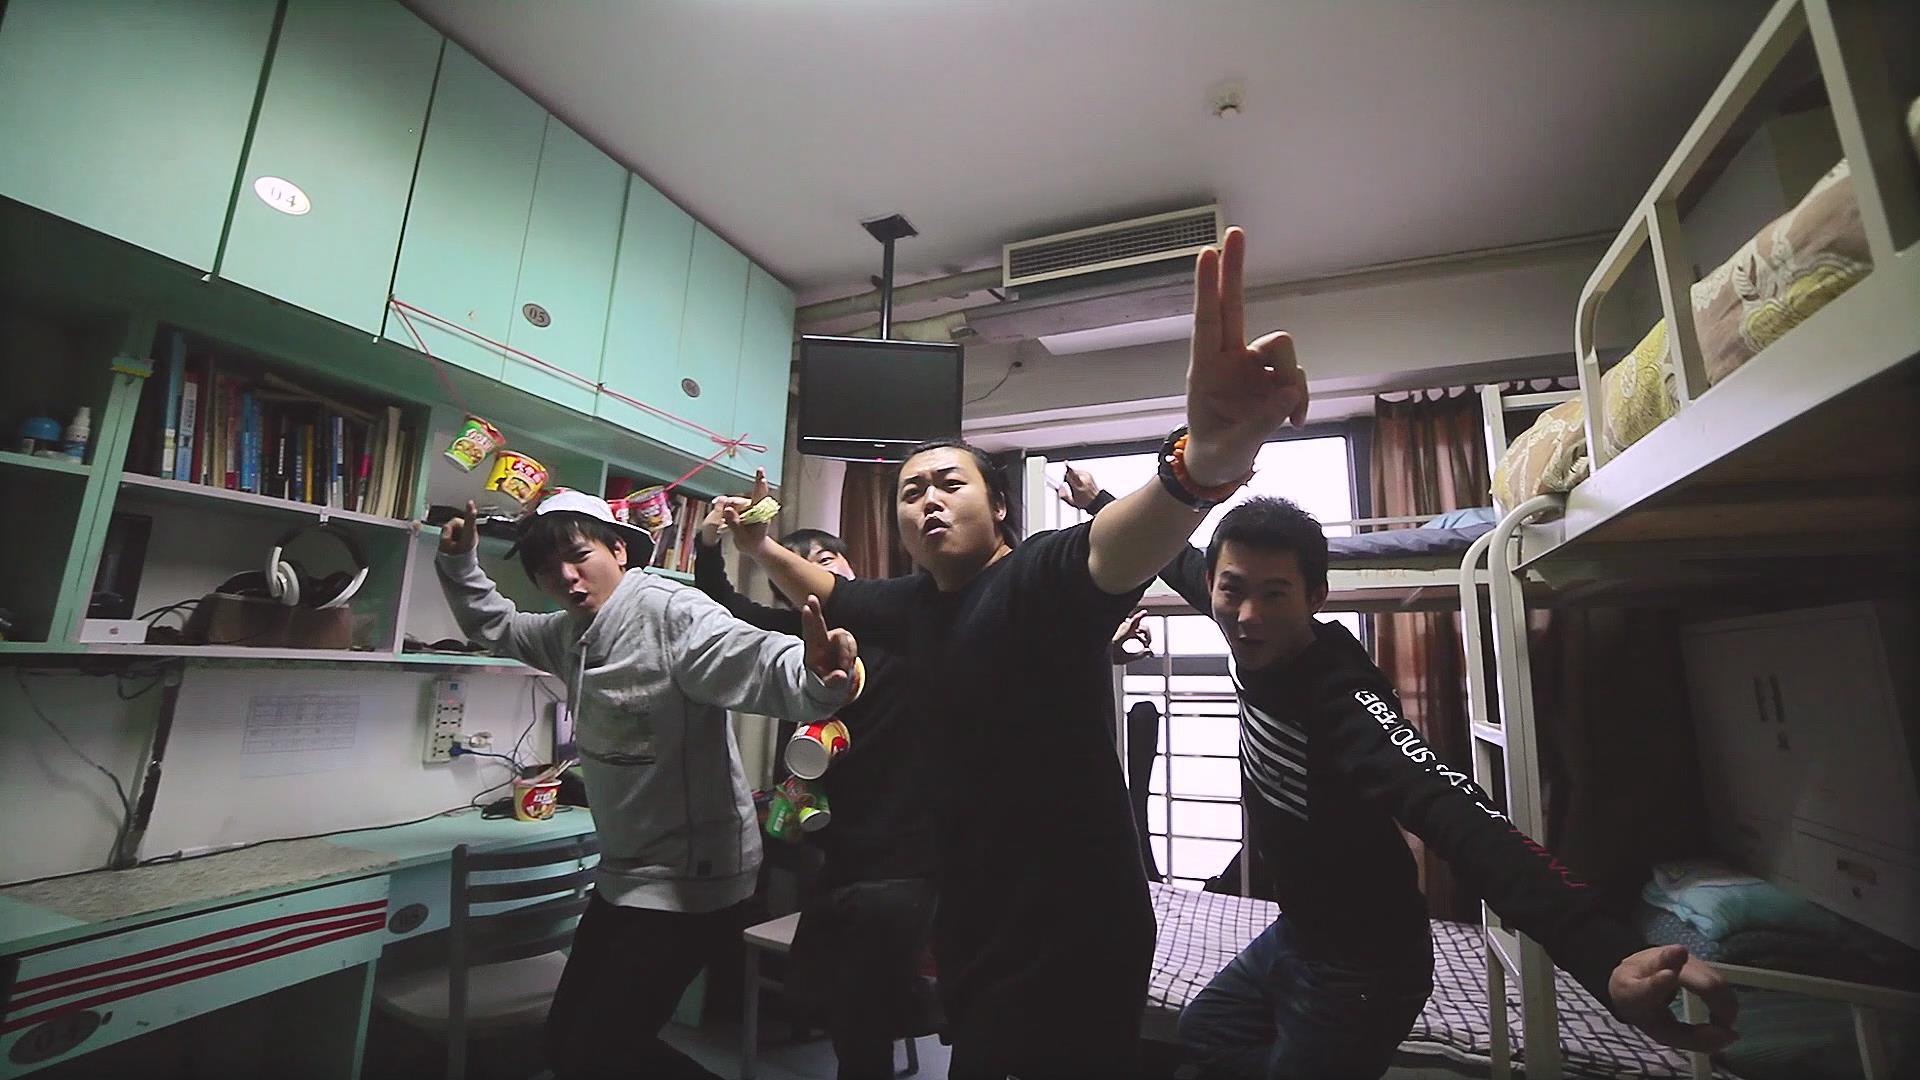 功夫街TV-大王叫我来巡山之泡面乐队